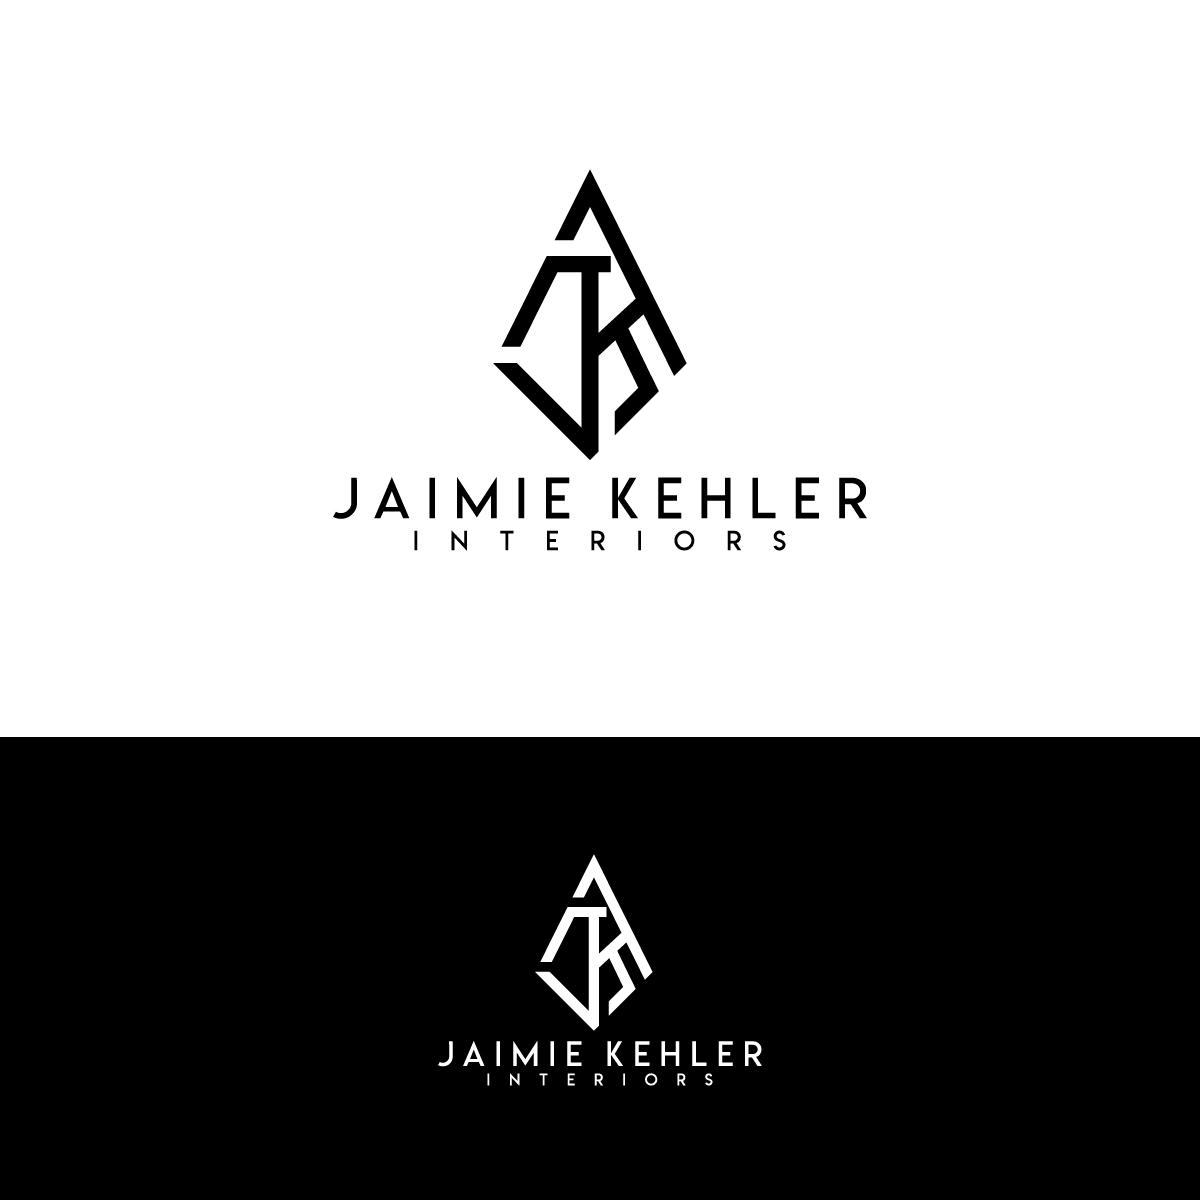 Modern Feminine Interior Design Logo Design For Jaimie